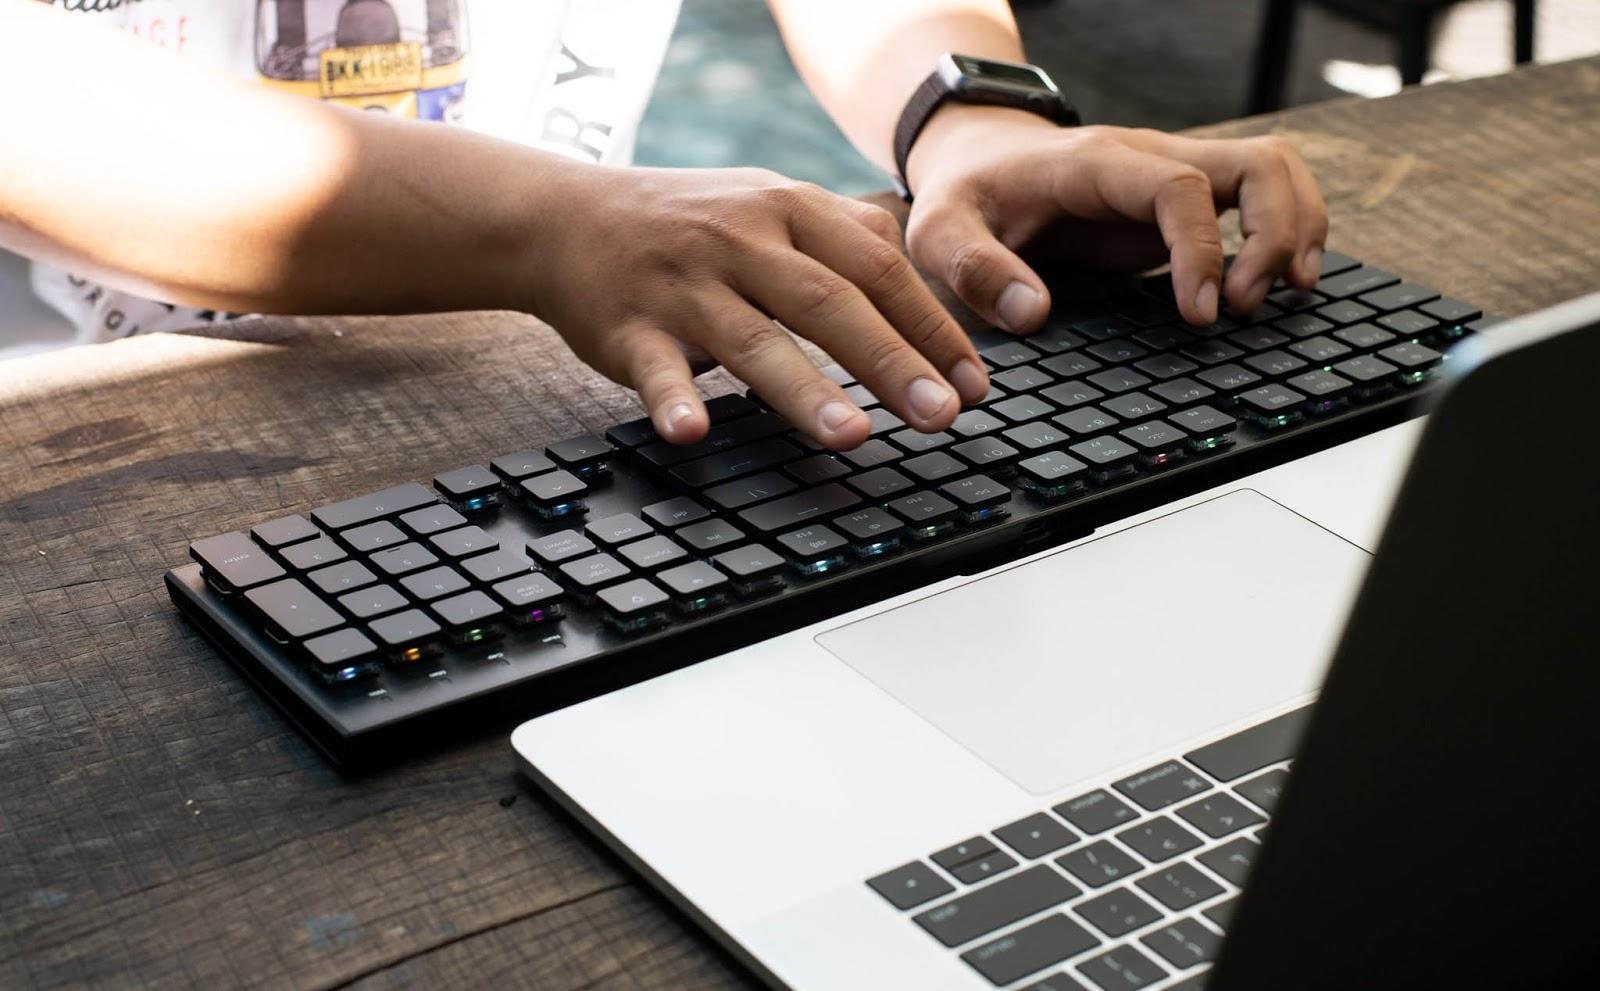 Bàn phím cơ không dây phù hợp cả với game thủ lẫn người làm văn phòng cần di chuyển nhiều